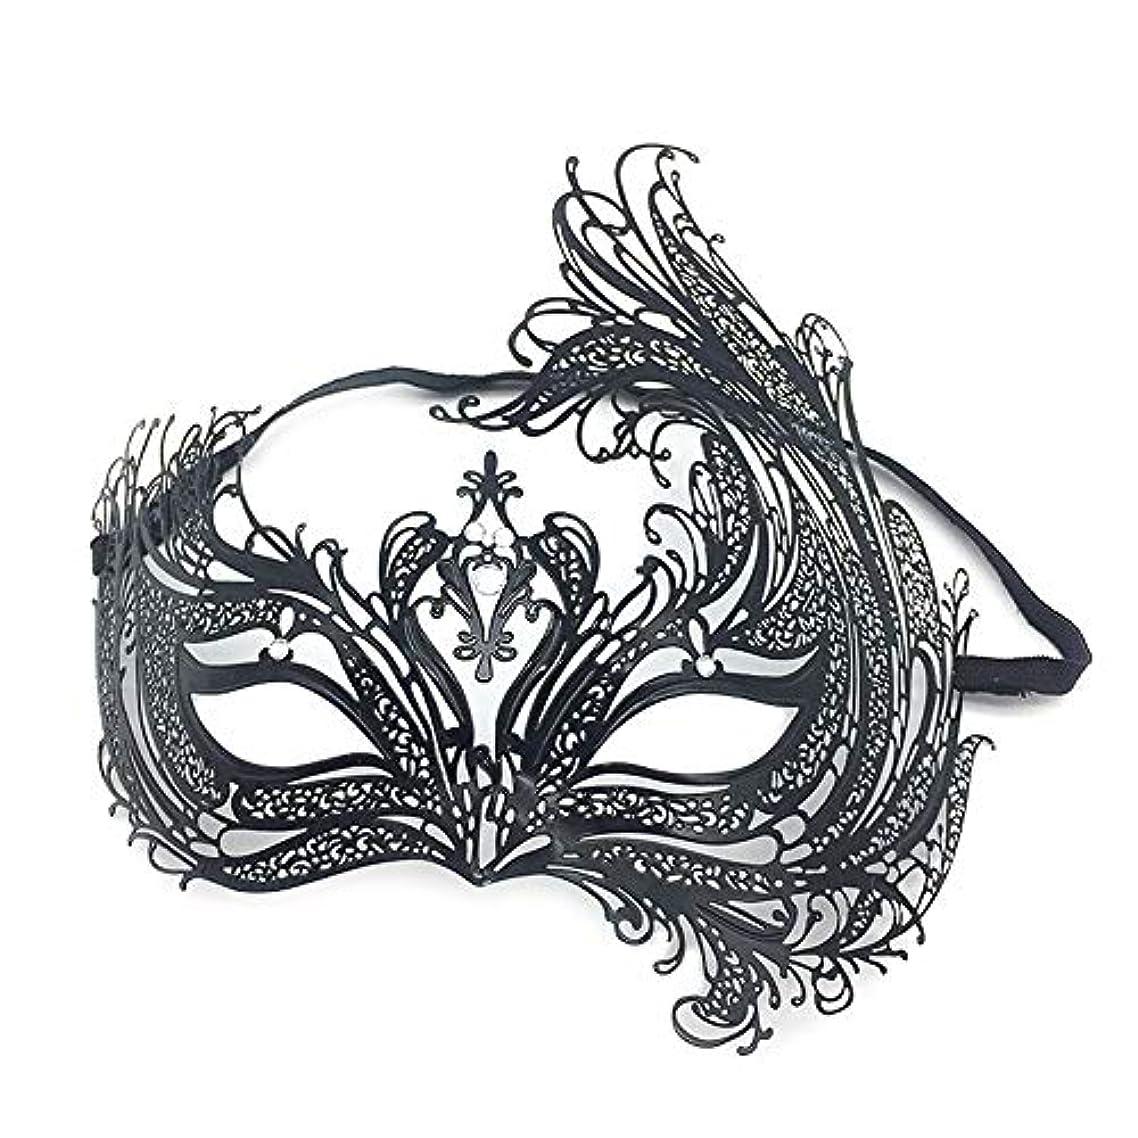 ヨーロッパタイマー改善メタルダイヤモンドフェイスマスカレードマスクパーティーブラックセクシーなハーフフェイスフェニックスハロウィーンマスク